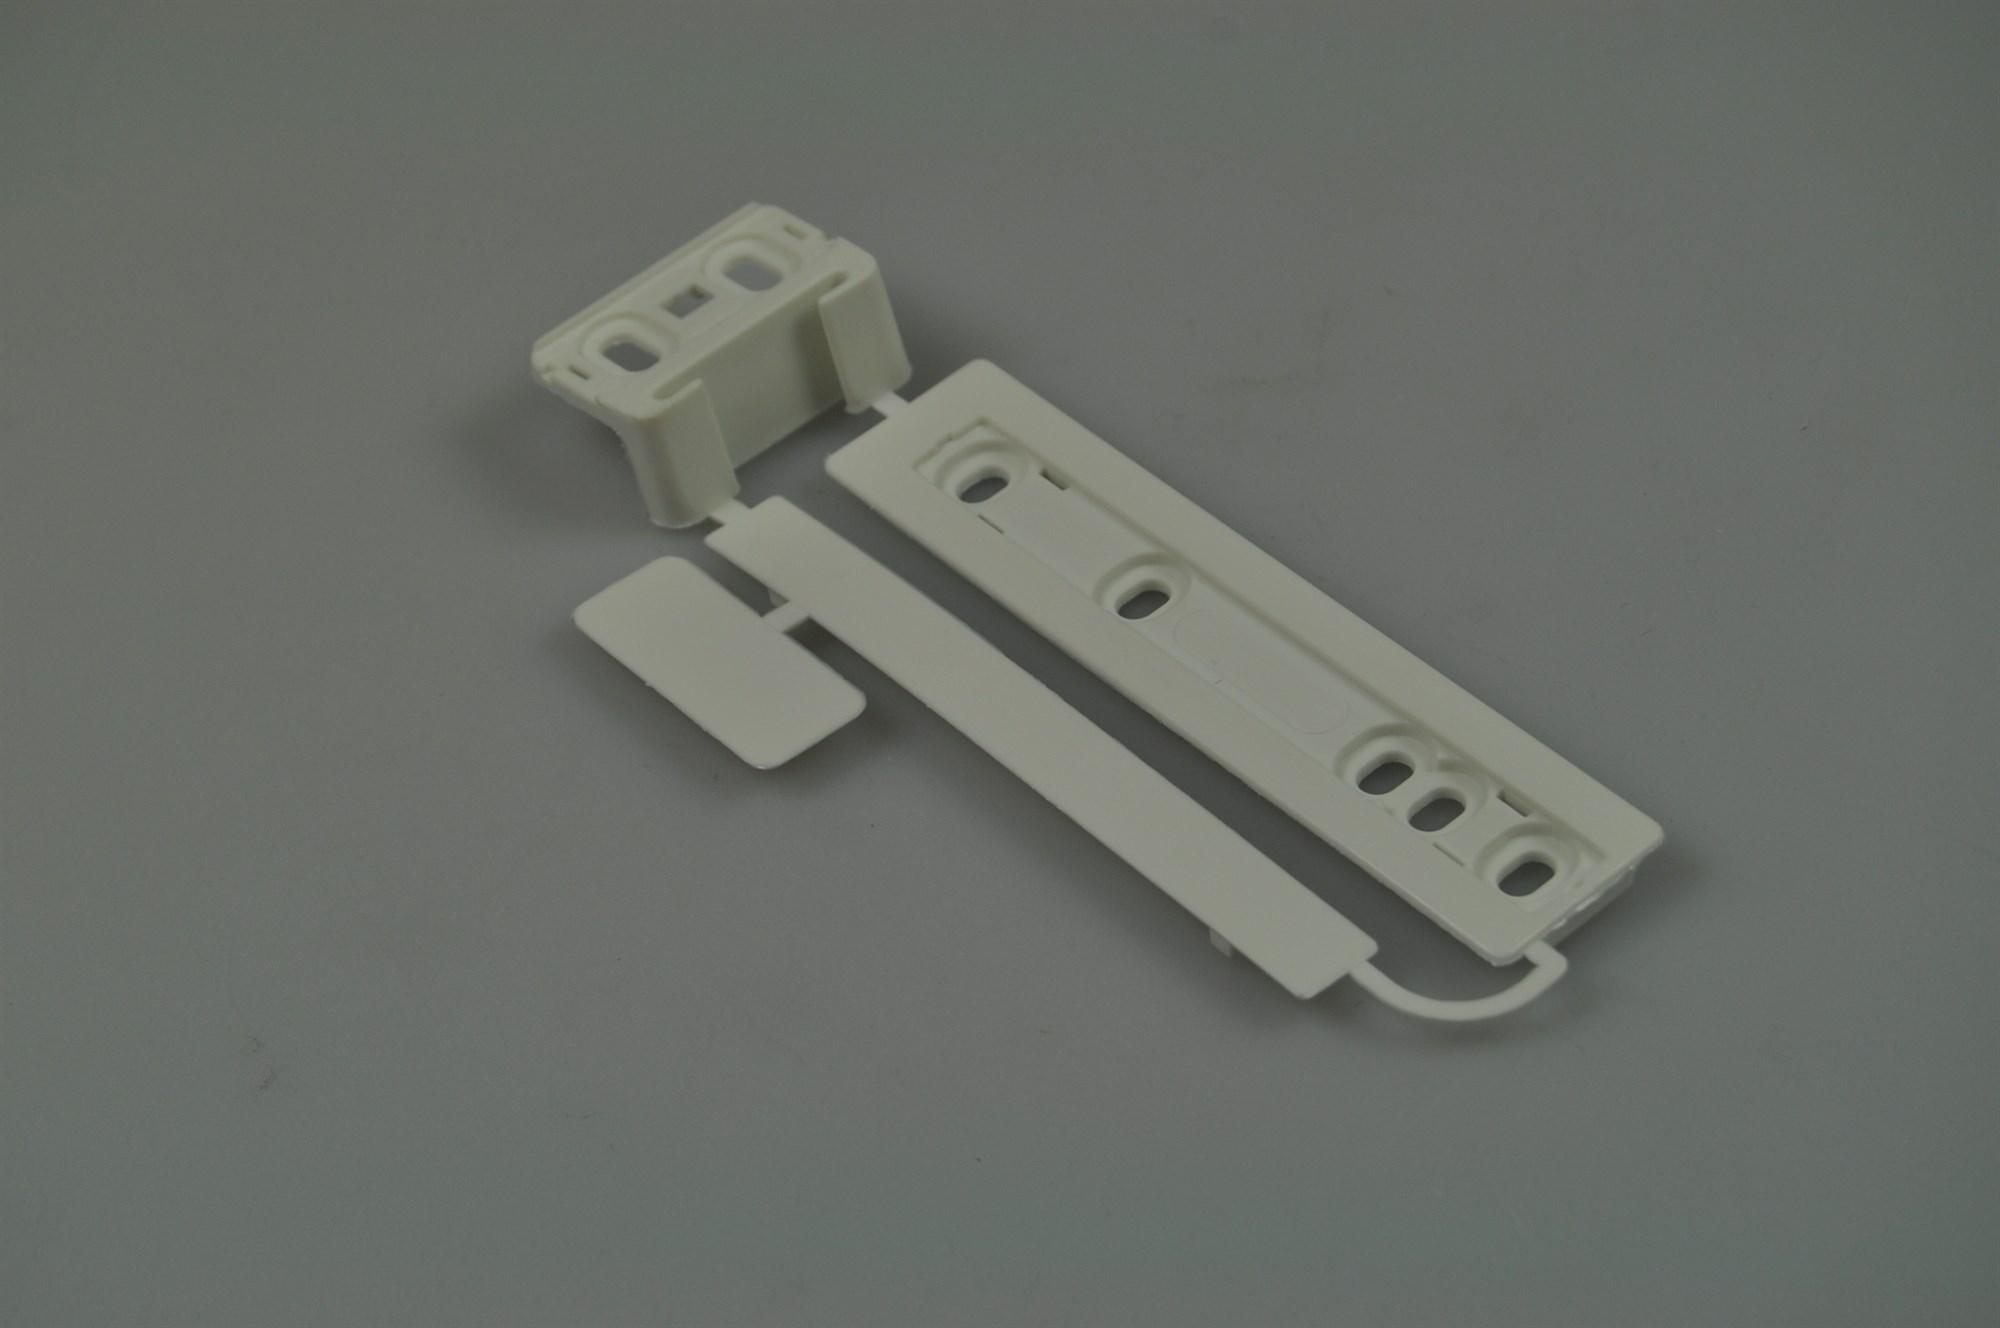 Gorenje Kühlschrank Ersatzteile Türfach : Beschlag für kühlschranktür gorenje kühl gefrierschrank schiene